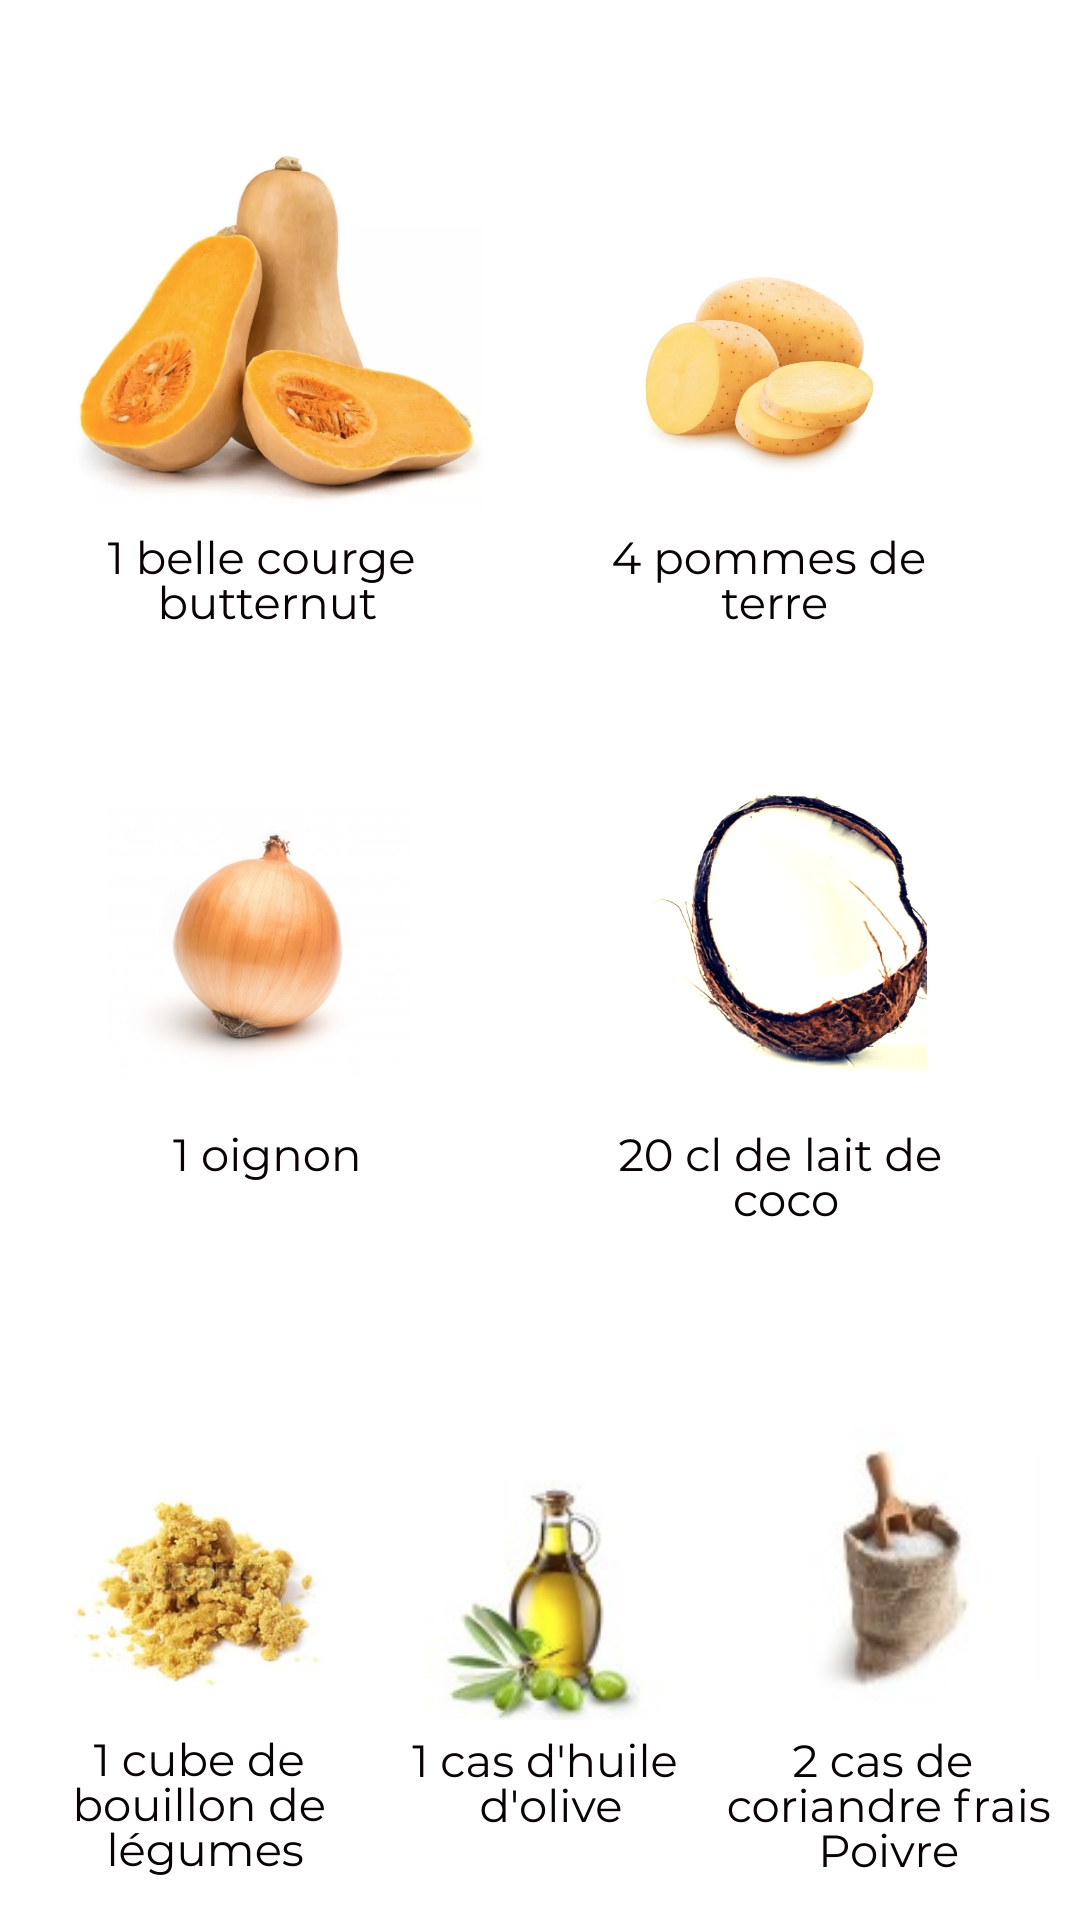 Ingrédients - soupe de courge butternut